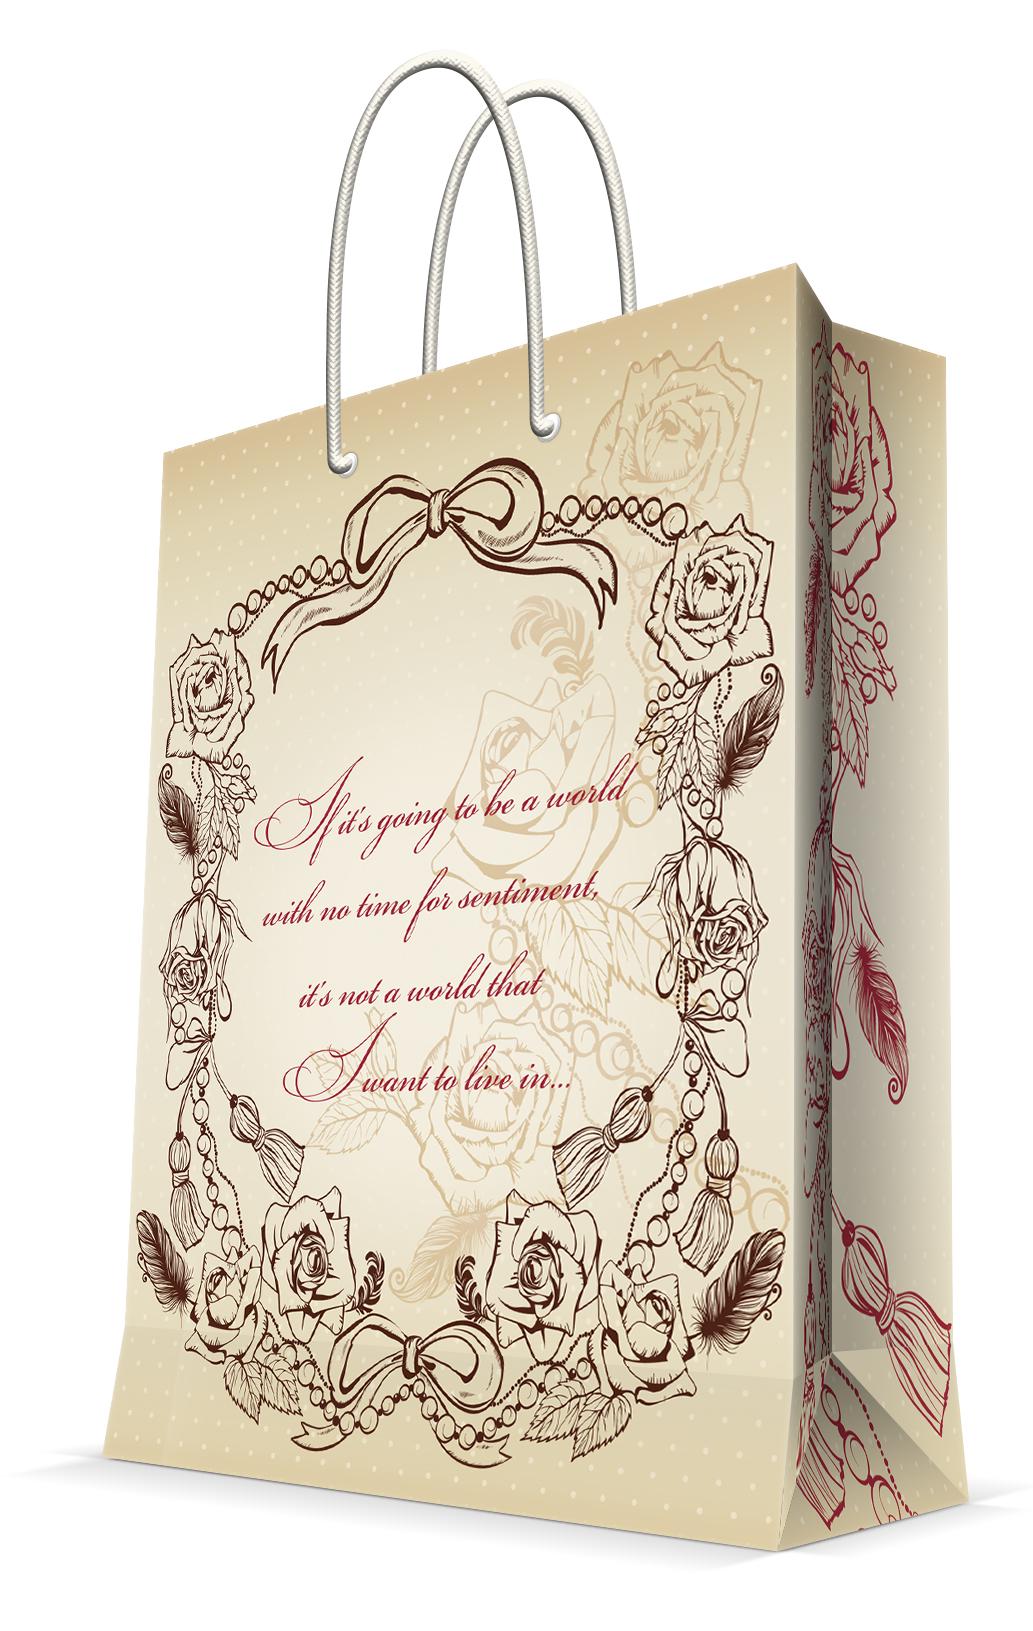 Пакет подарочный Magic Home Виньетка, 17,8 х 22,9 х 9,8 см44173Подарочный пакет Magic Home, изготовленный из плотной бумаги, станет незаменимым дополнением к выбранному подарку. Дно изделия укреплено картоном, который позволяет сохранить форму пакета и исключает возможность деформации дна под тяжестью подарка. Пакет выполнен с глянцевой ламинацией, что придает ему прочность, а изображению - яркость и насыщенность цветов. Для удобной переноски имеются две ручки в виде шнурков.Подарок, преподнесенный в оригинальной упаковке, всегда будет самым эффектным и запоминающимся. Окружите близких людей вниманием и заботой, вручив презент в нарядном, праздничном оформлении.Плотность бумаги: 140 г/м2.